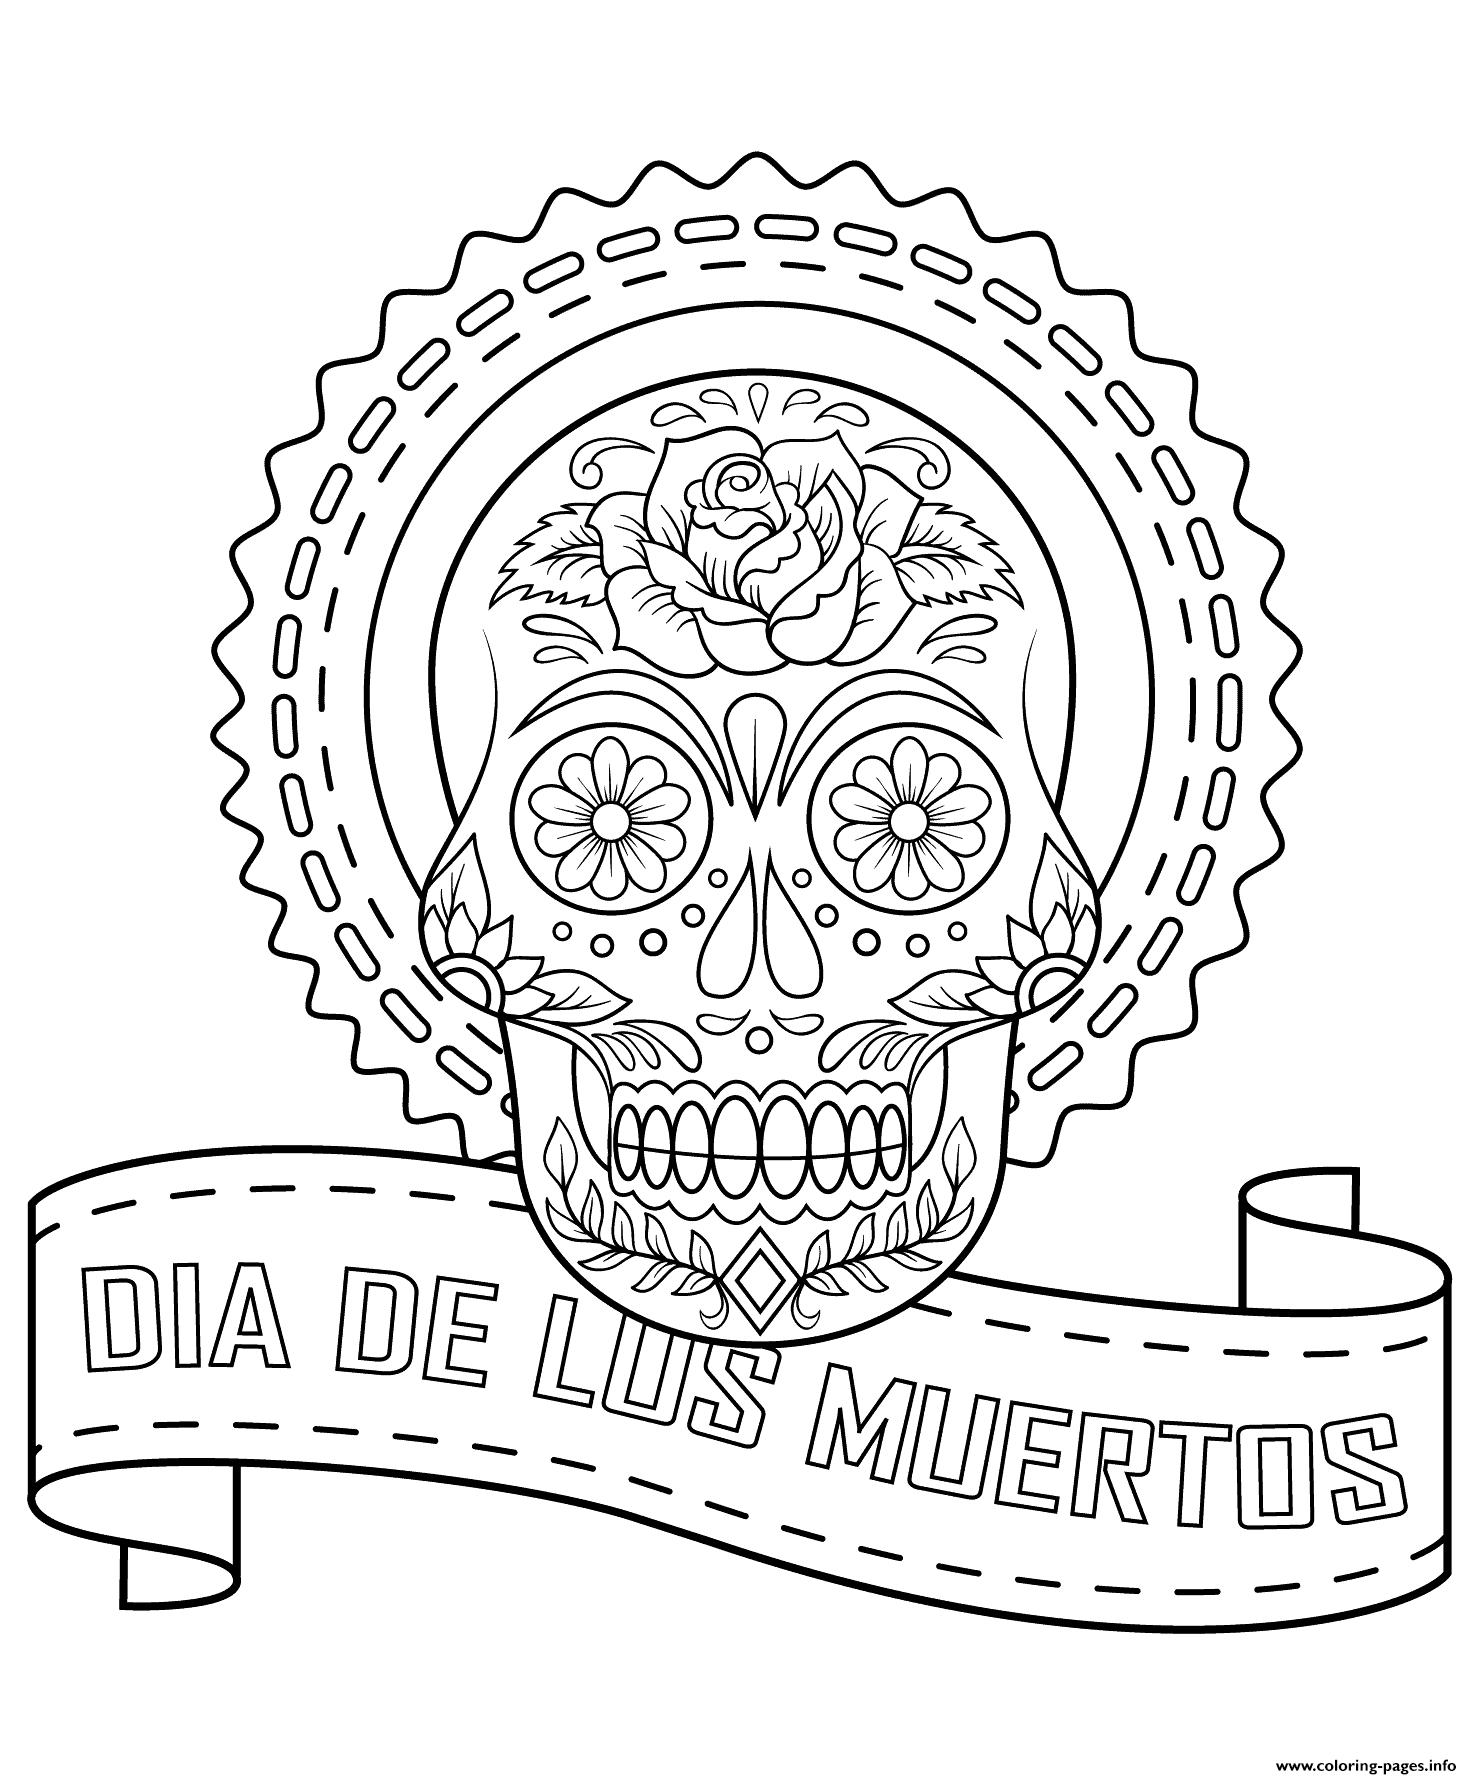 Dia De Los Muertos Calavera Coloring